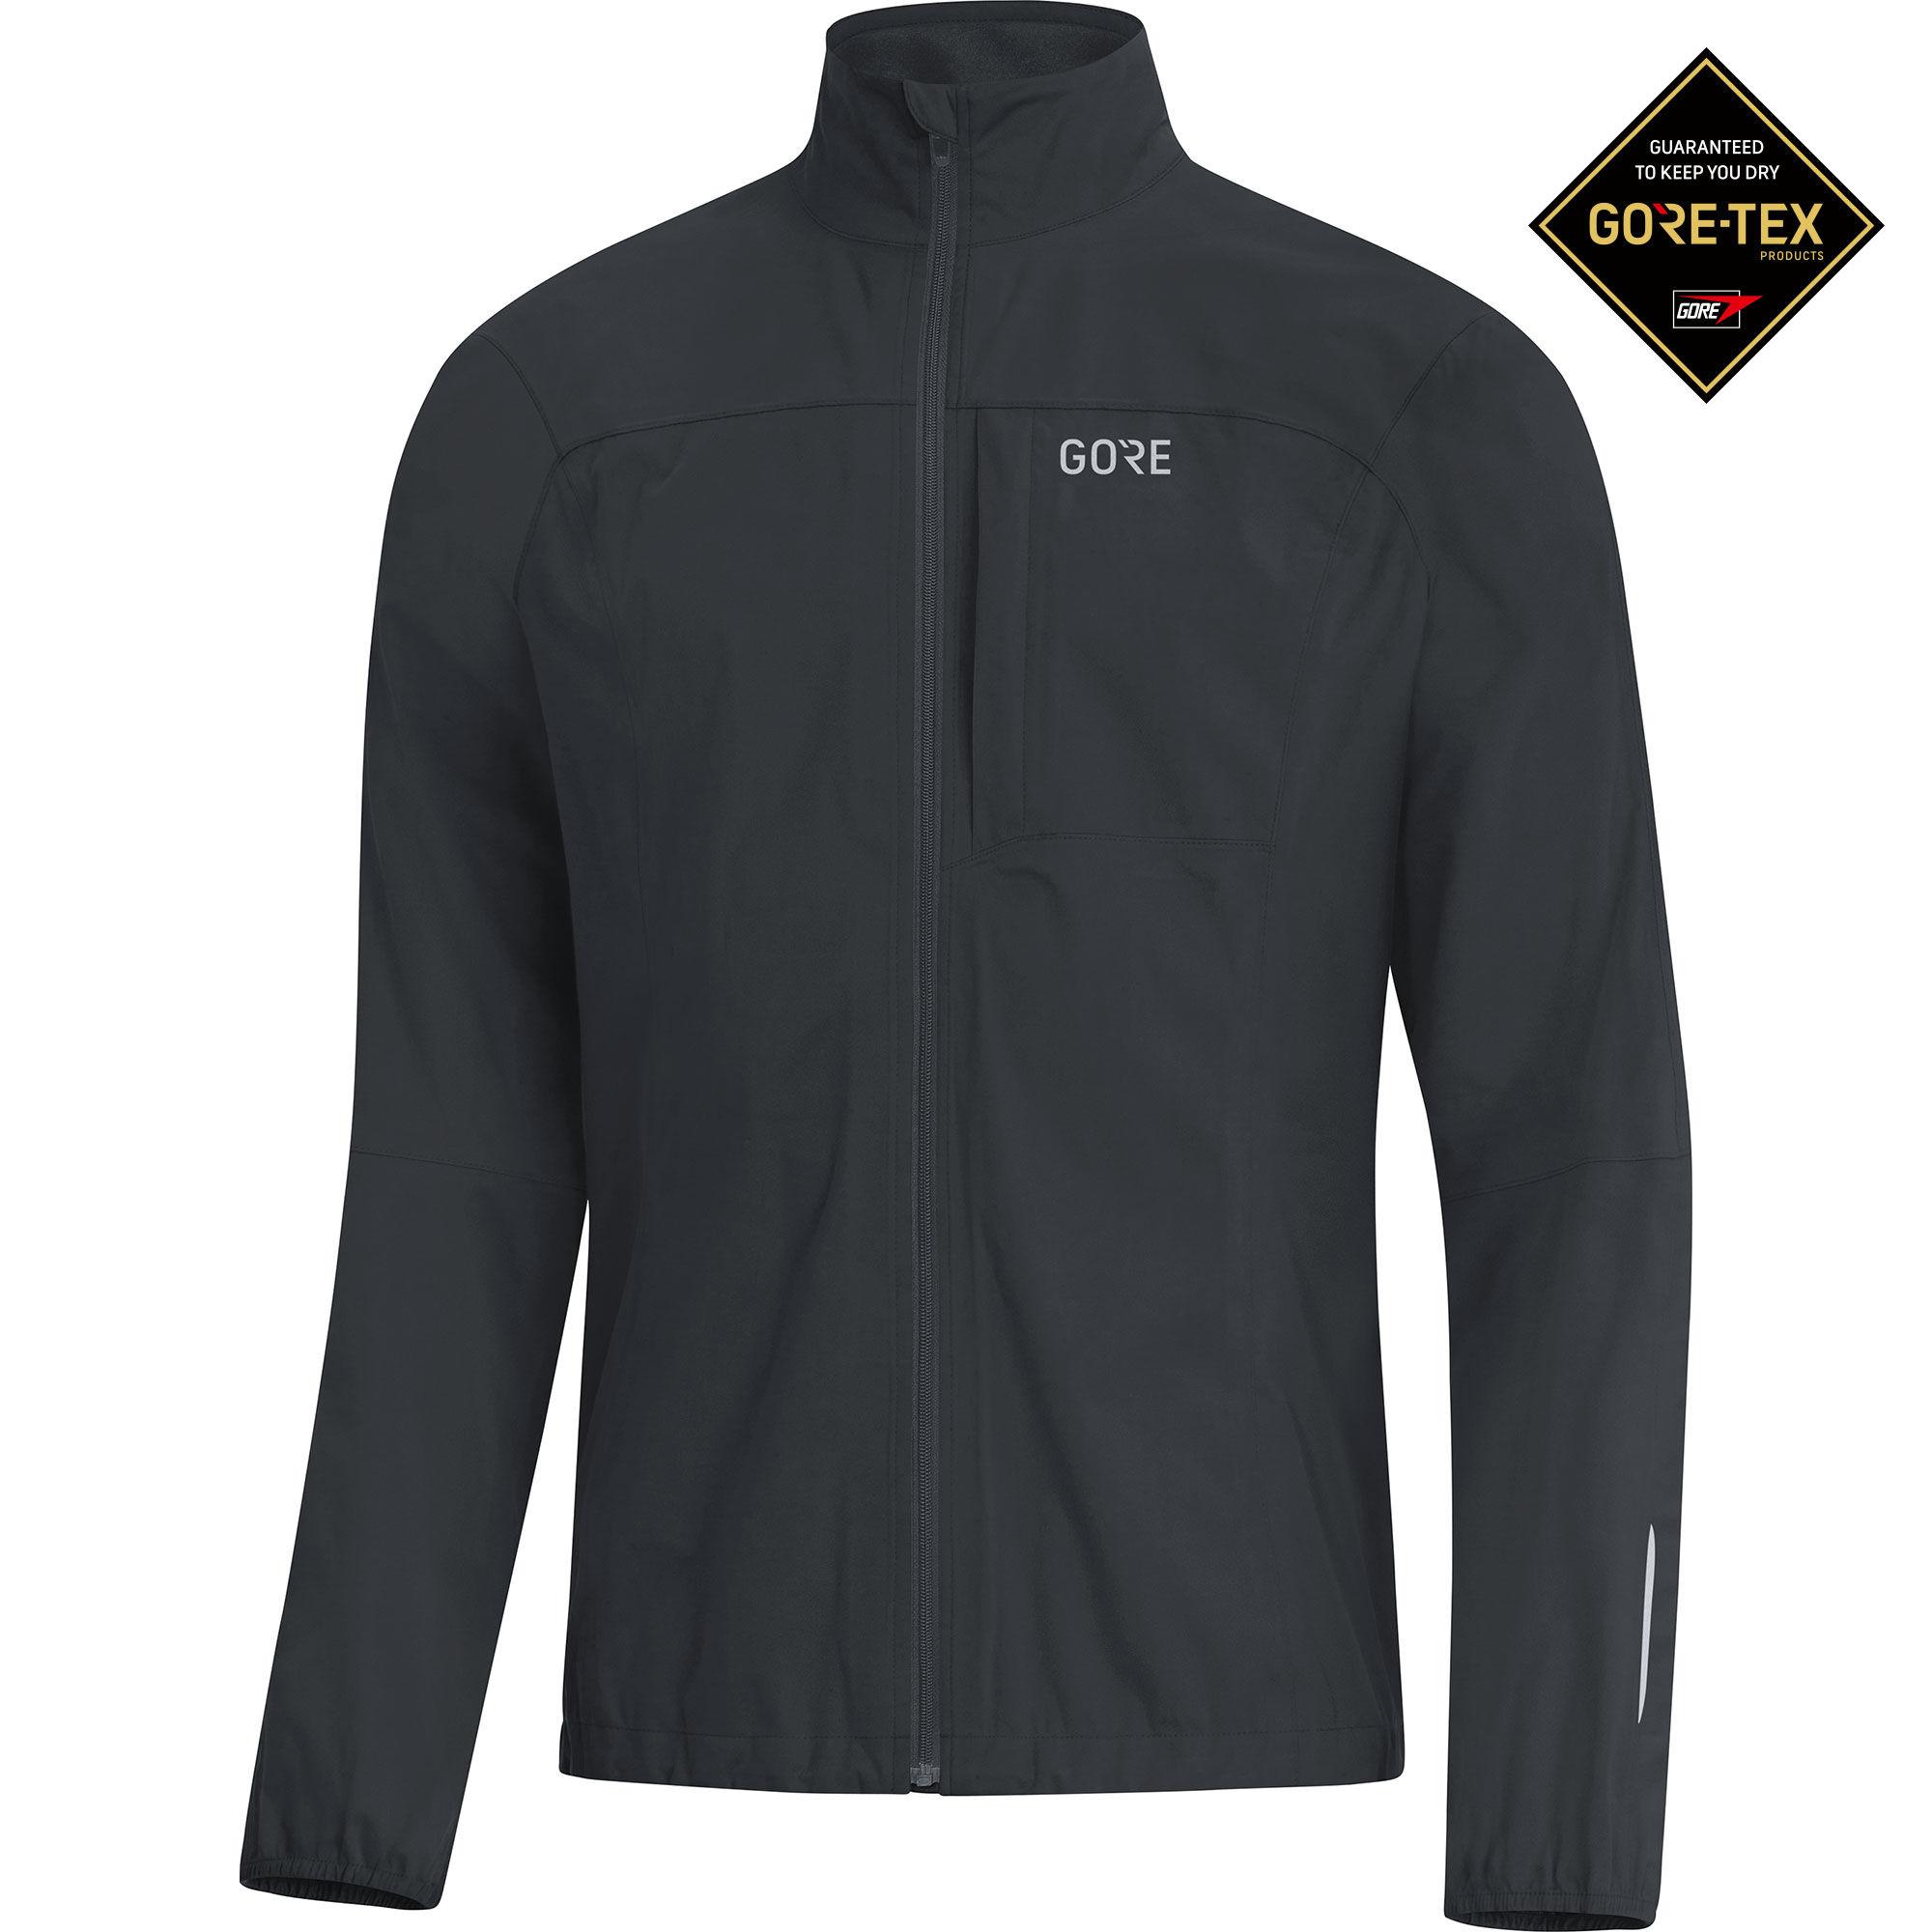 Gore R3 GTX Active Jacke in Schwarz